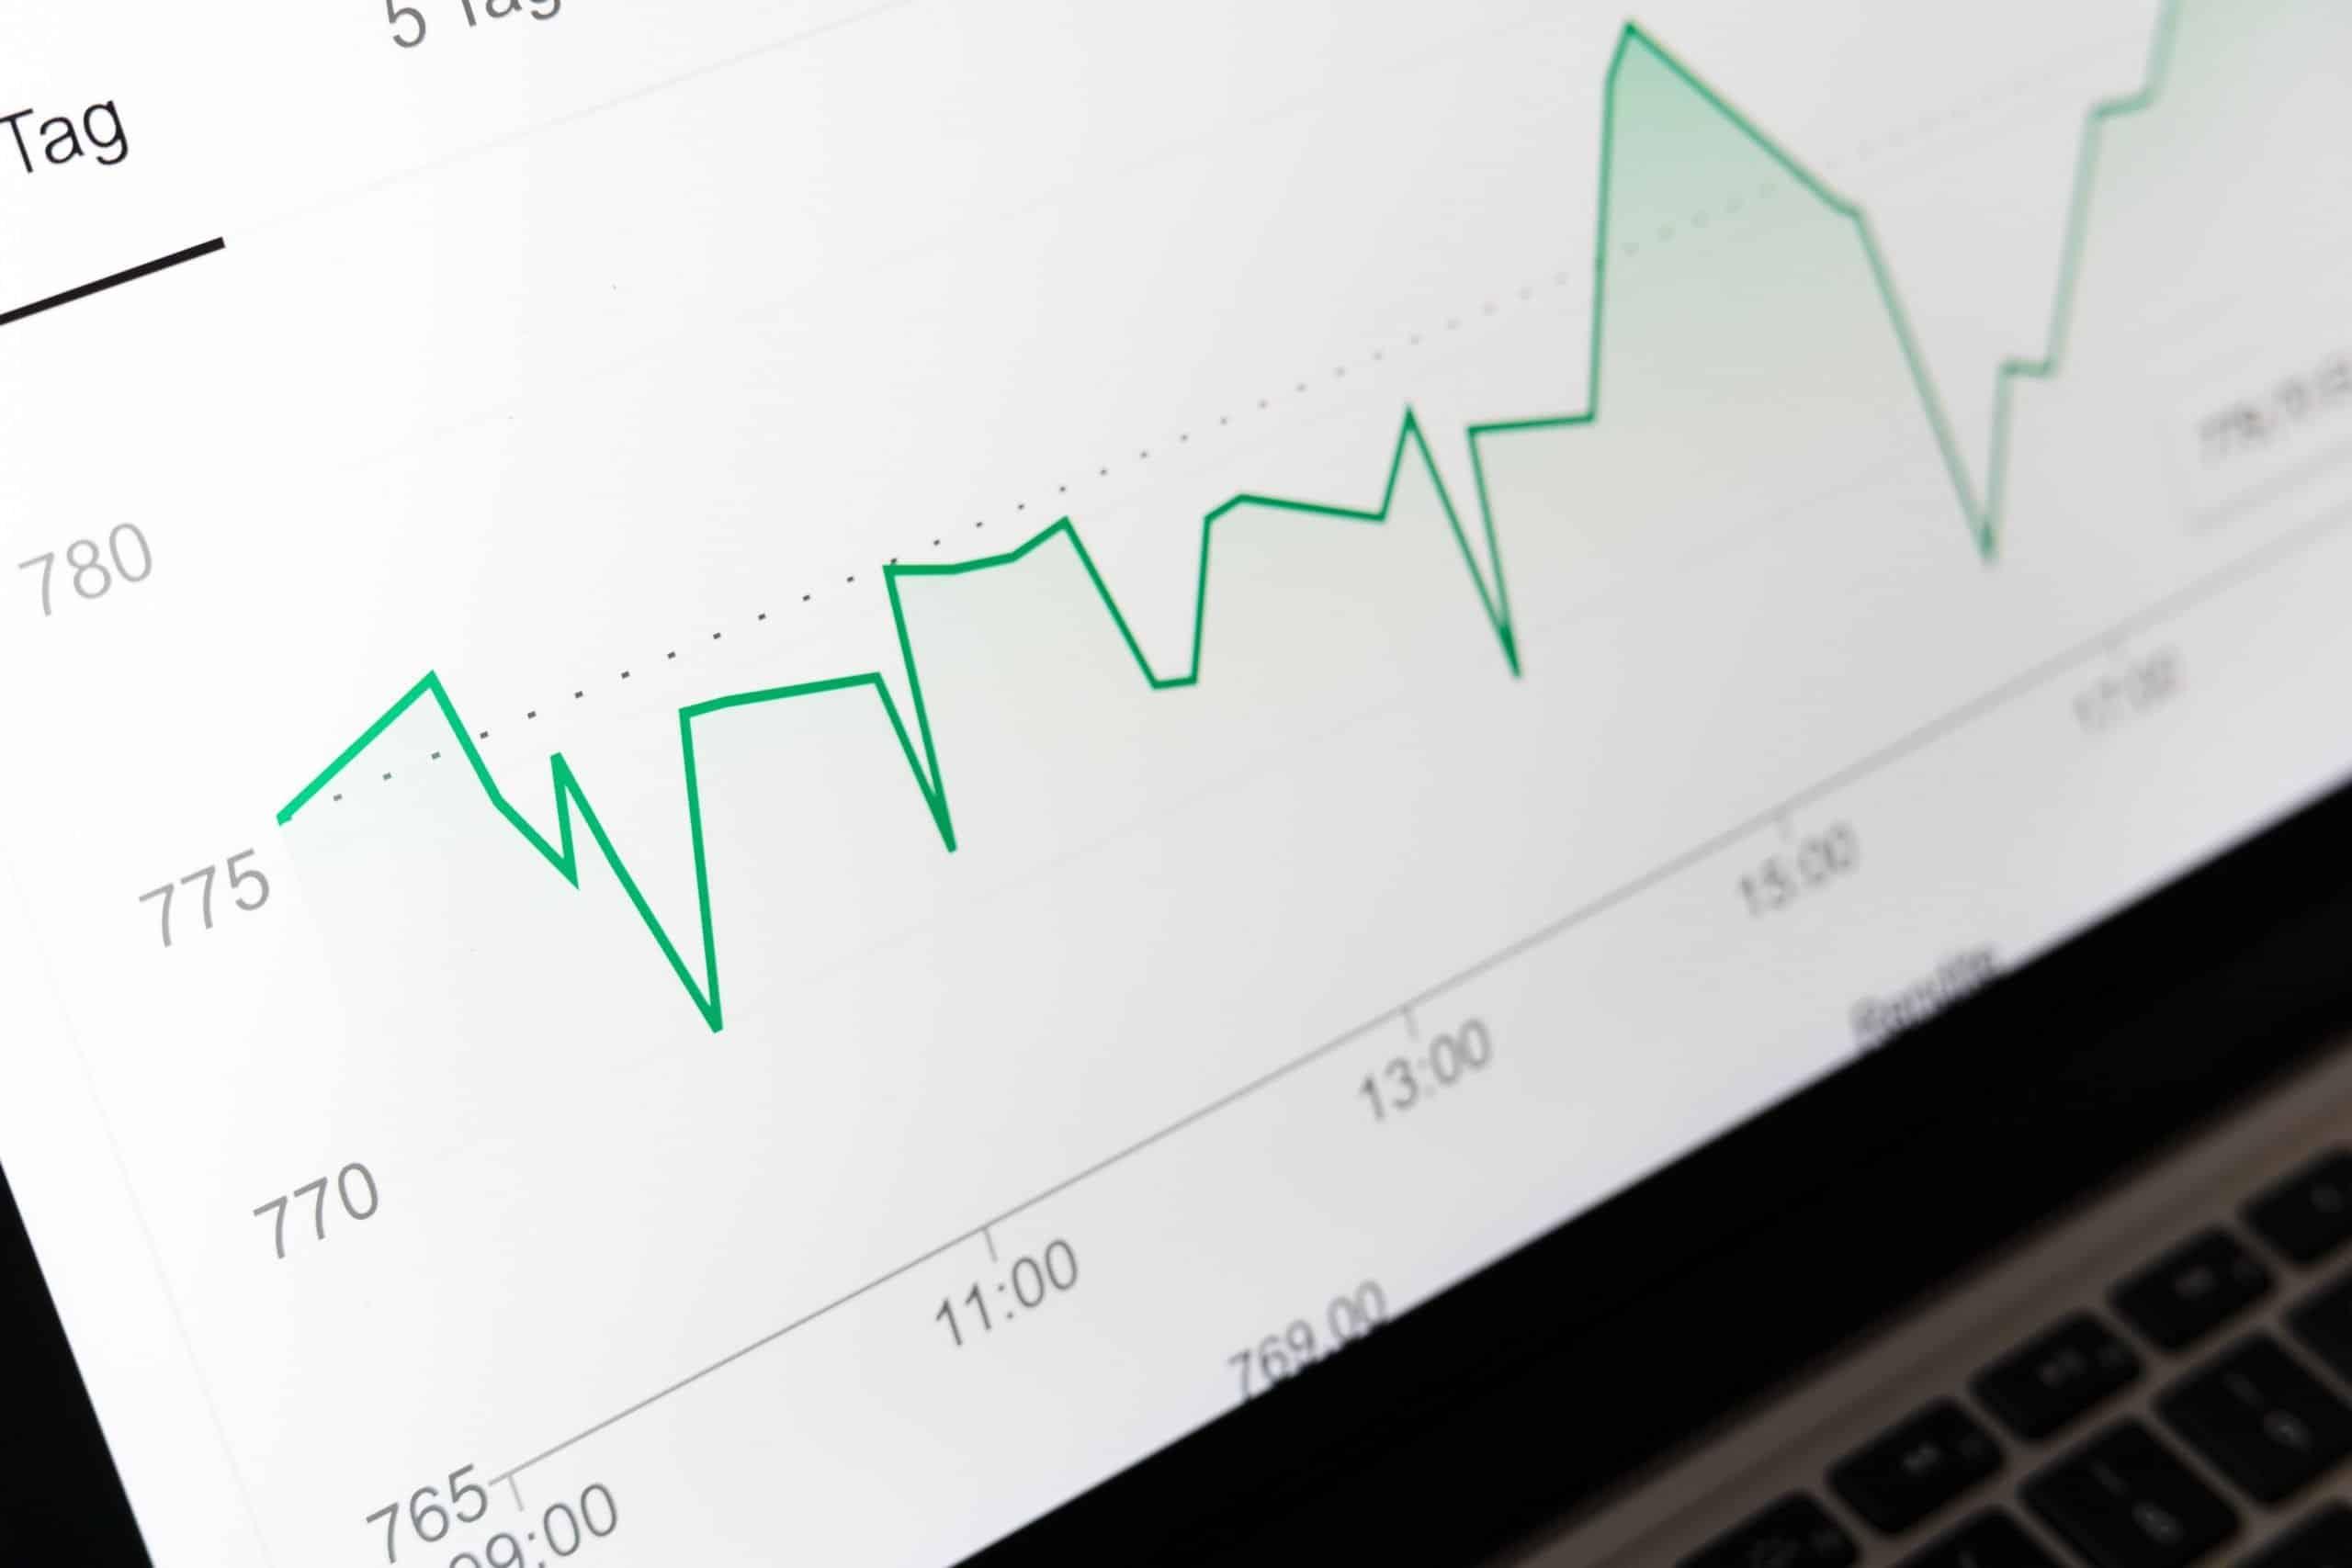 lehet-e pénzt keresni az internetes forgalomban?